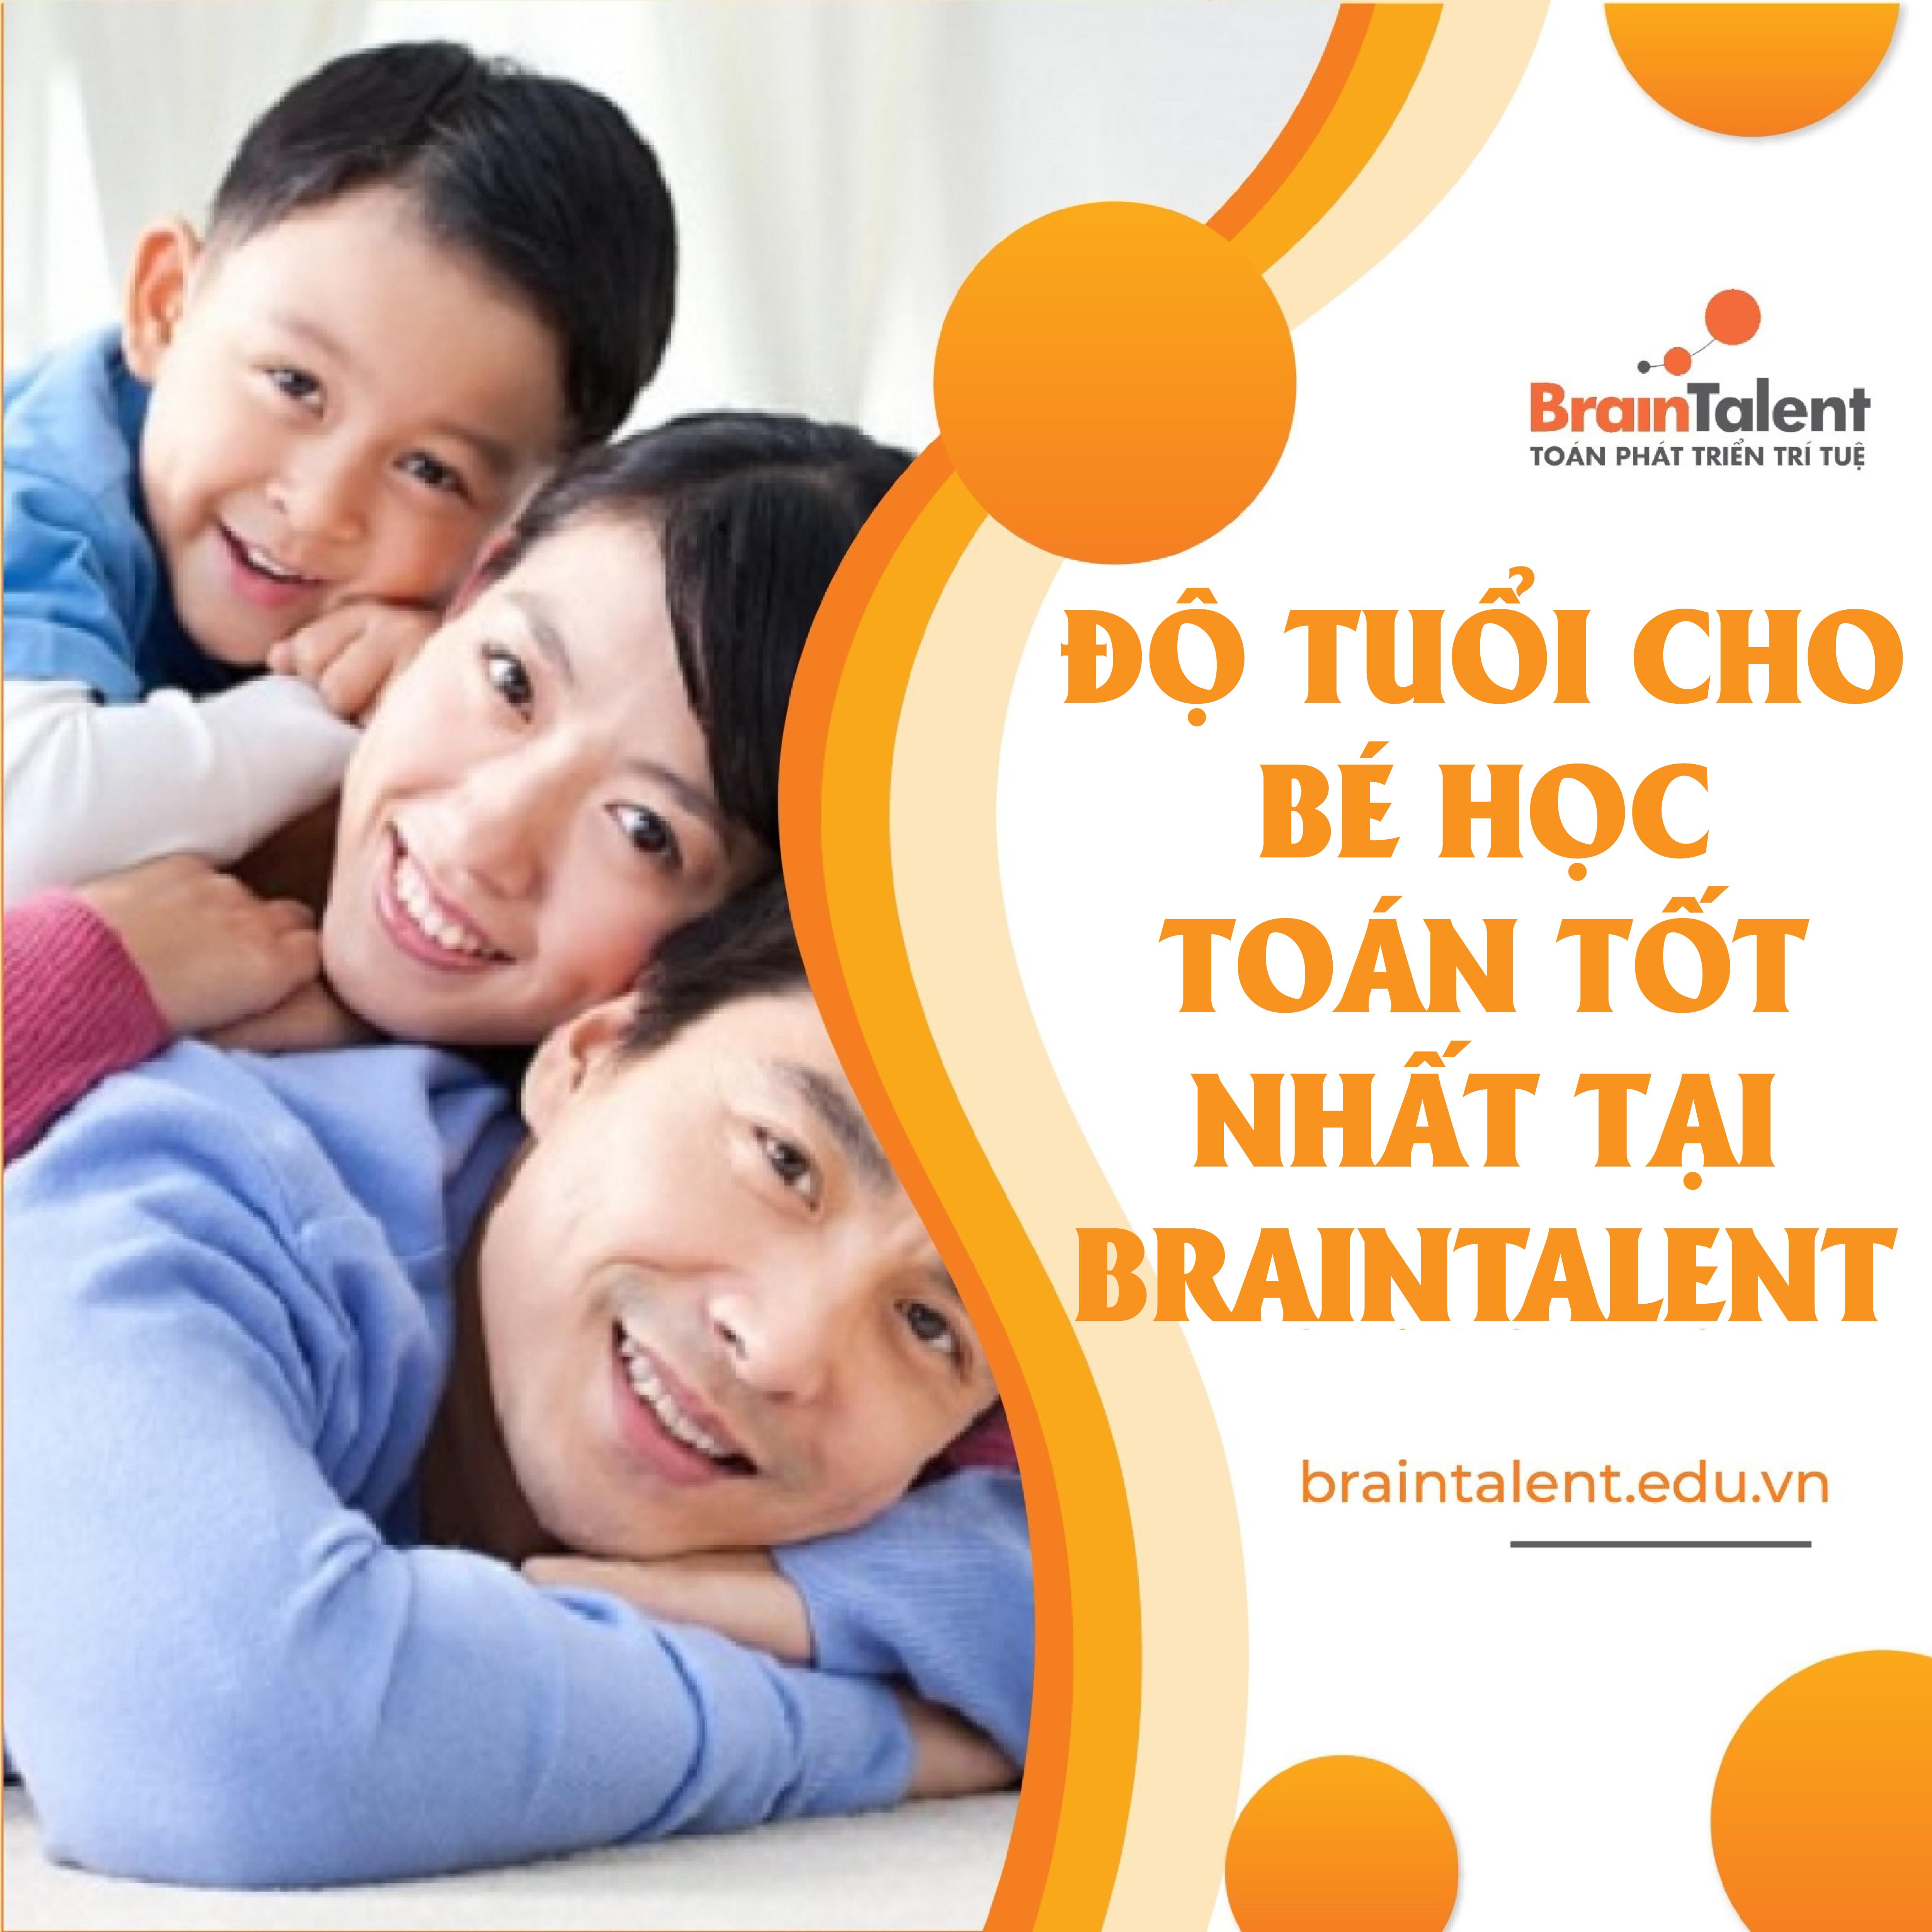 Toán phát triển trí tuệ BrainTalent dành cho độ tuổi nào?